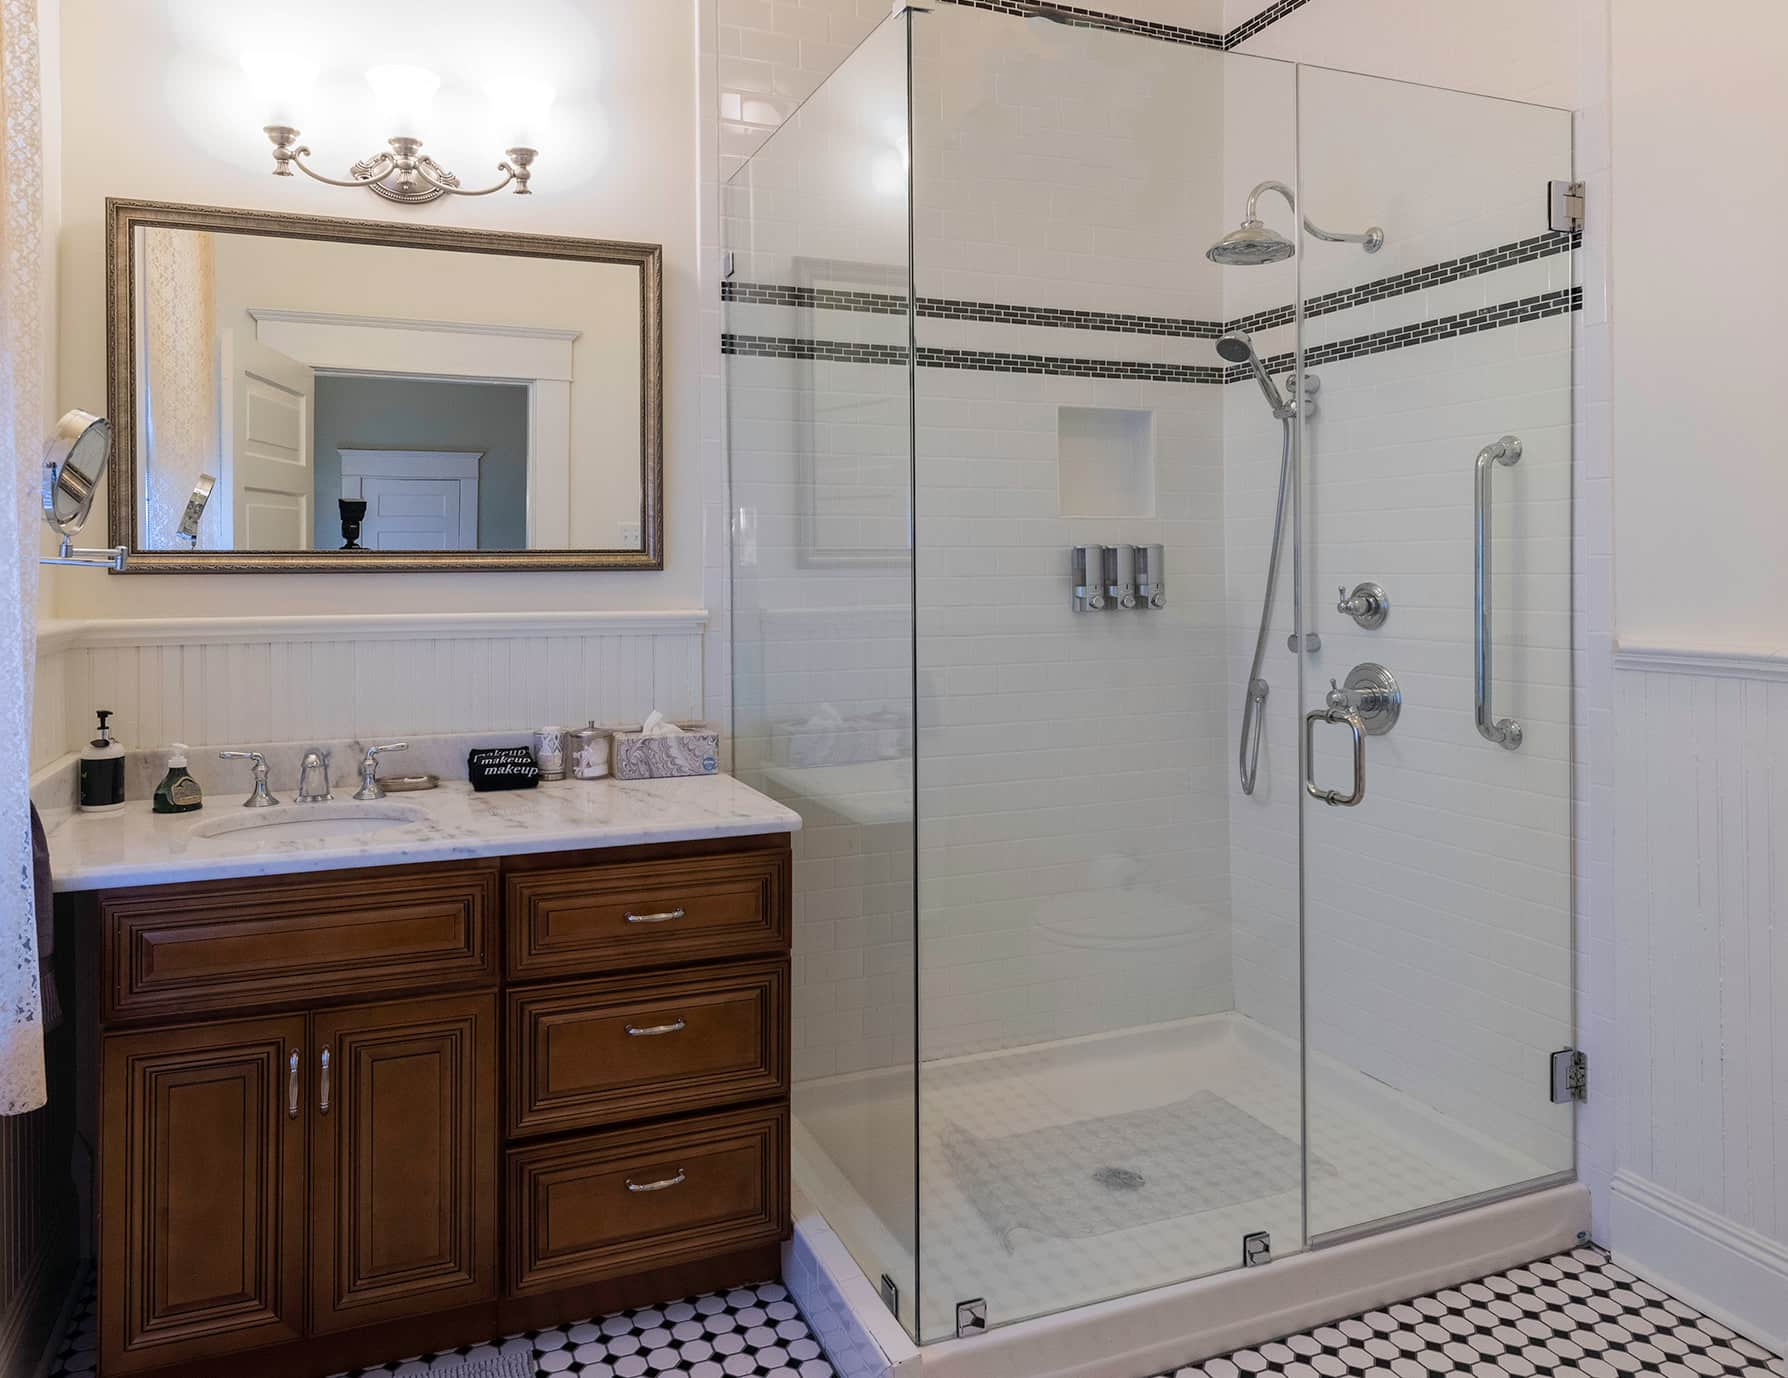 Robert Suite bathroom